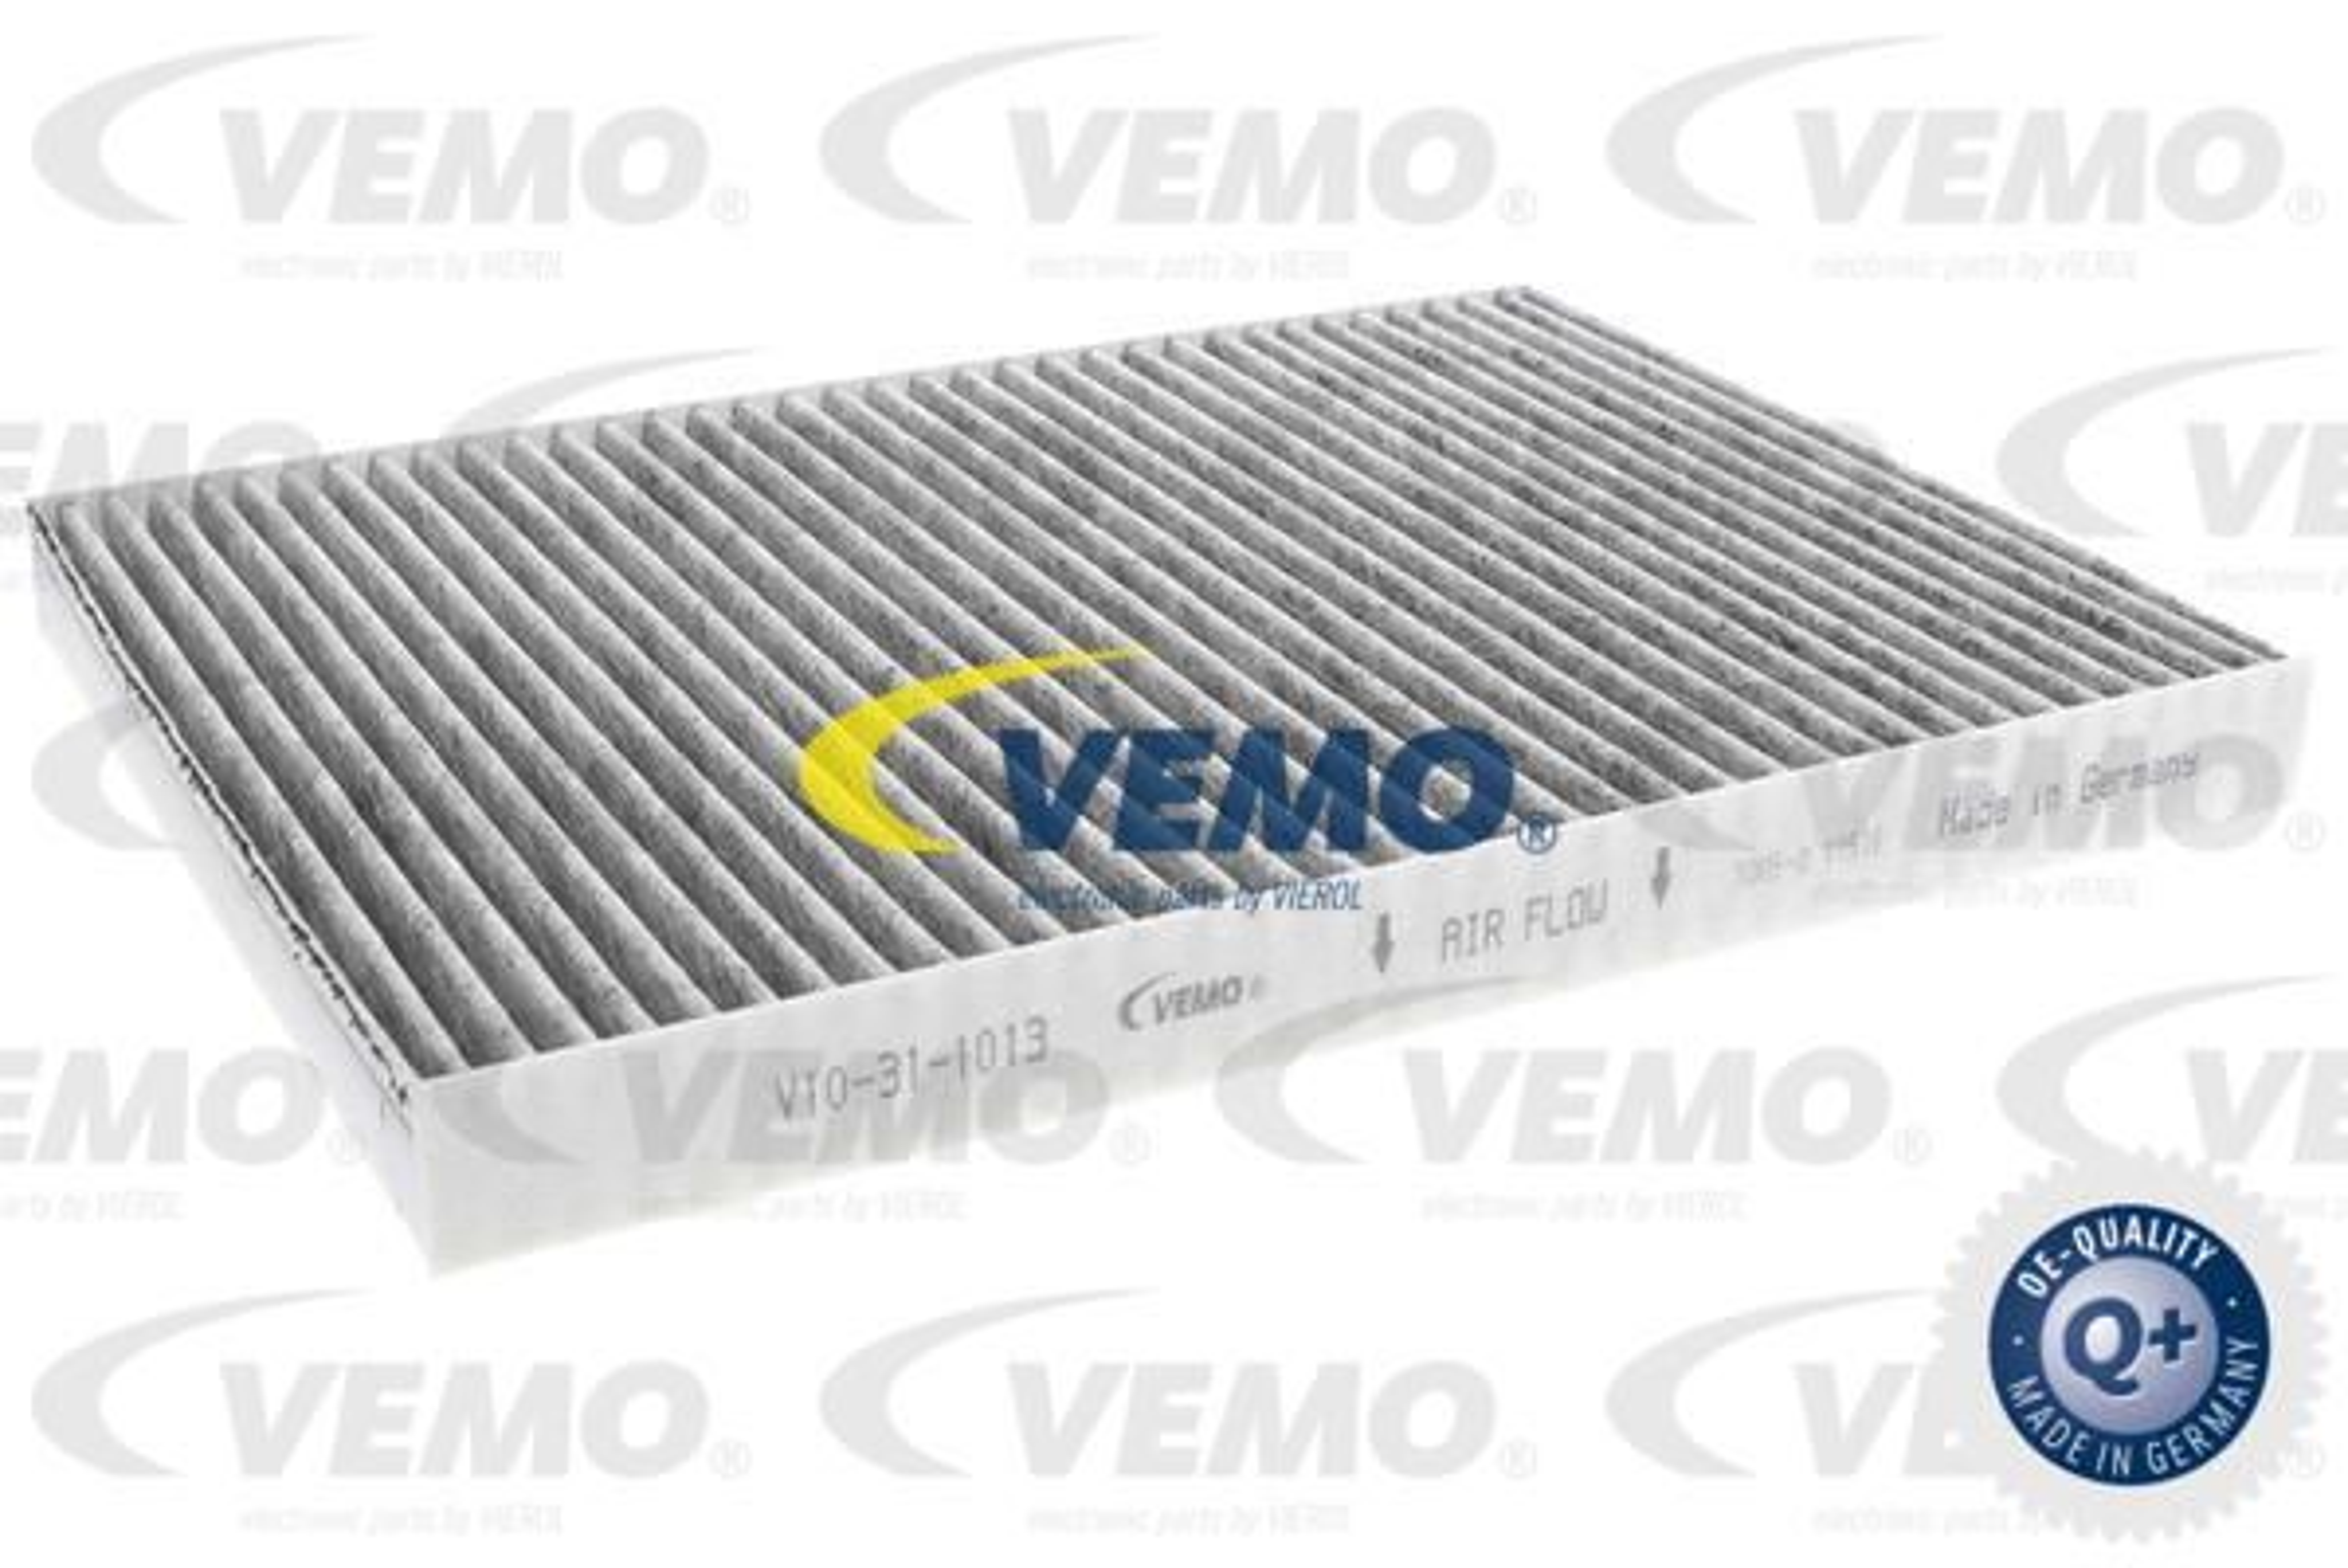 Kabinenluftfilter VEMO V10-31-1013